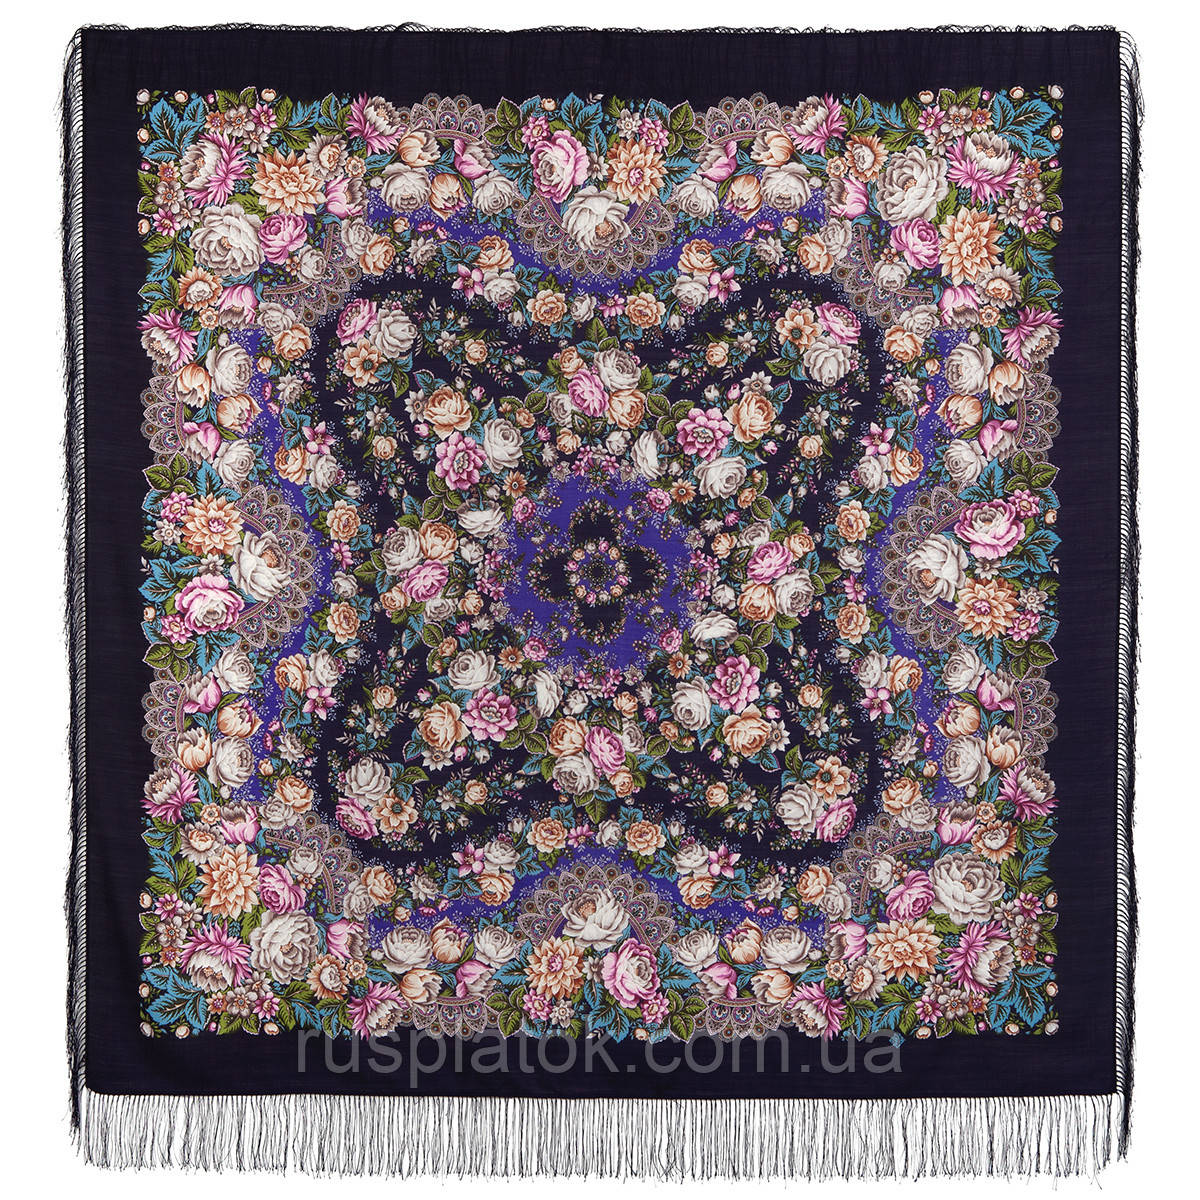 Цветочные бусы 1797-15, павлопосадский платок шерстяной  с шелковой бахромой